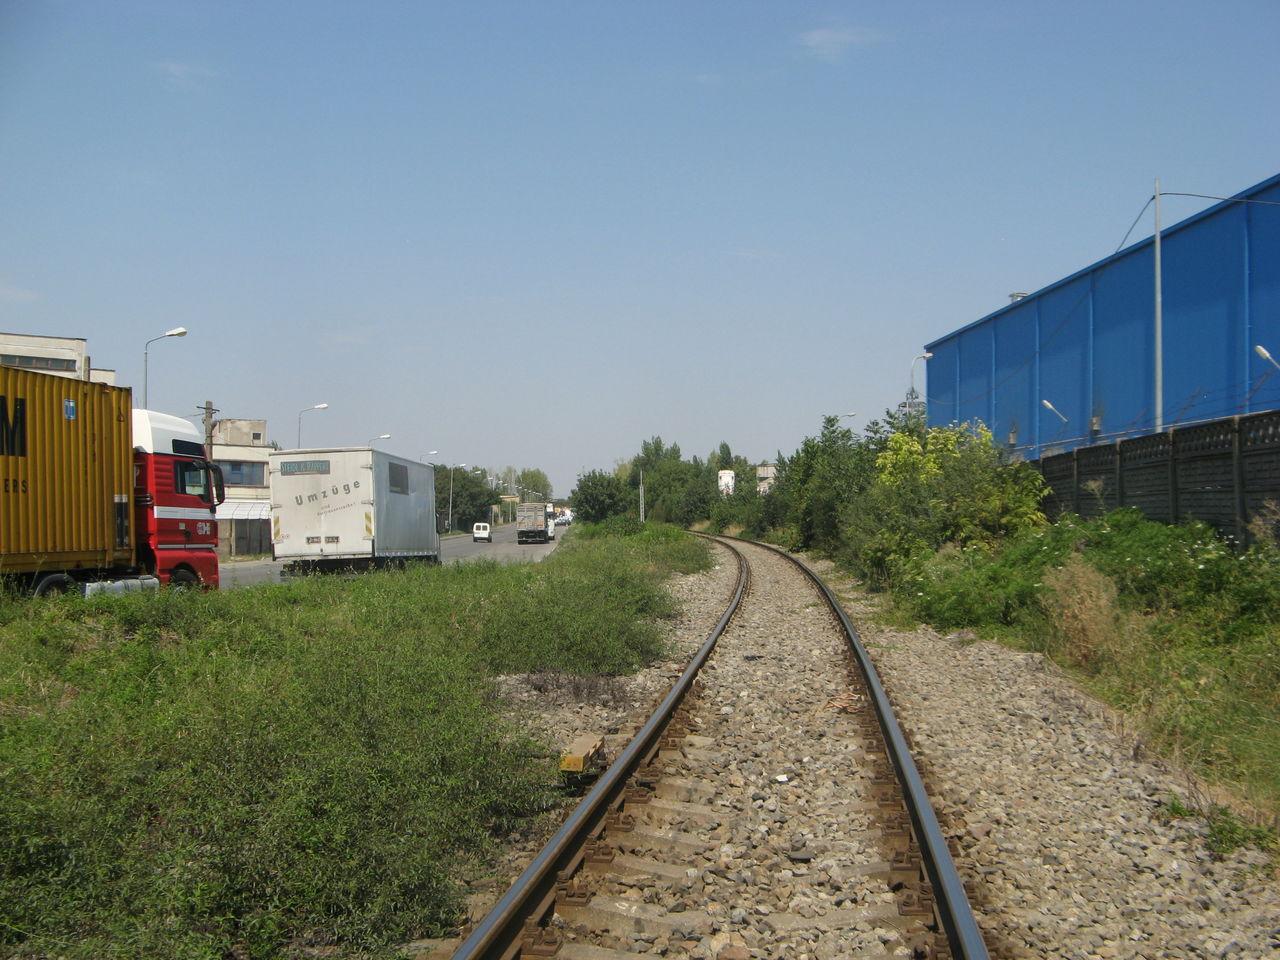 Calea ferată directă Oradea Vest - Episcopia Bihor IMG_0044